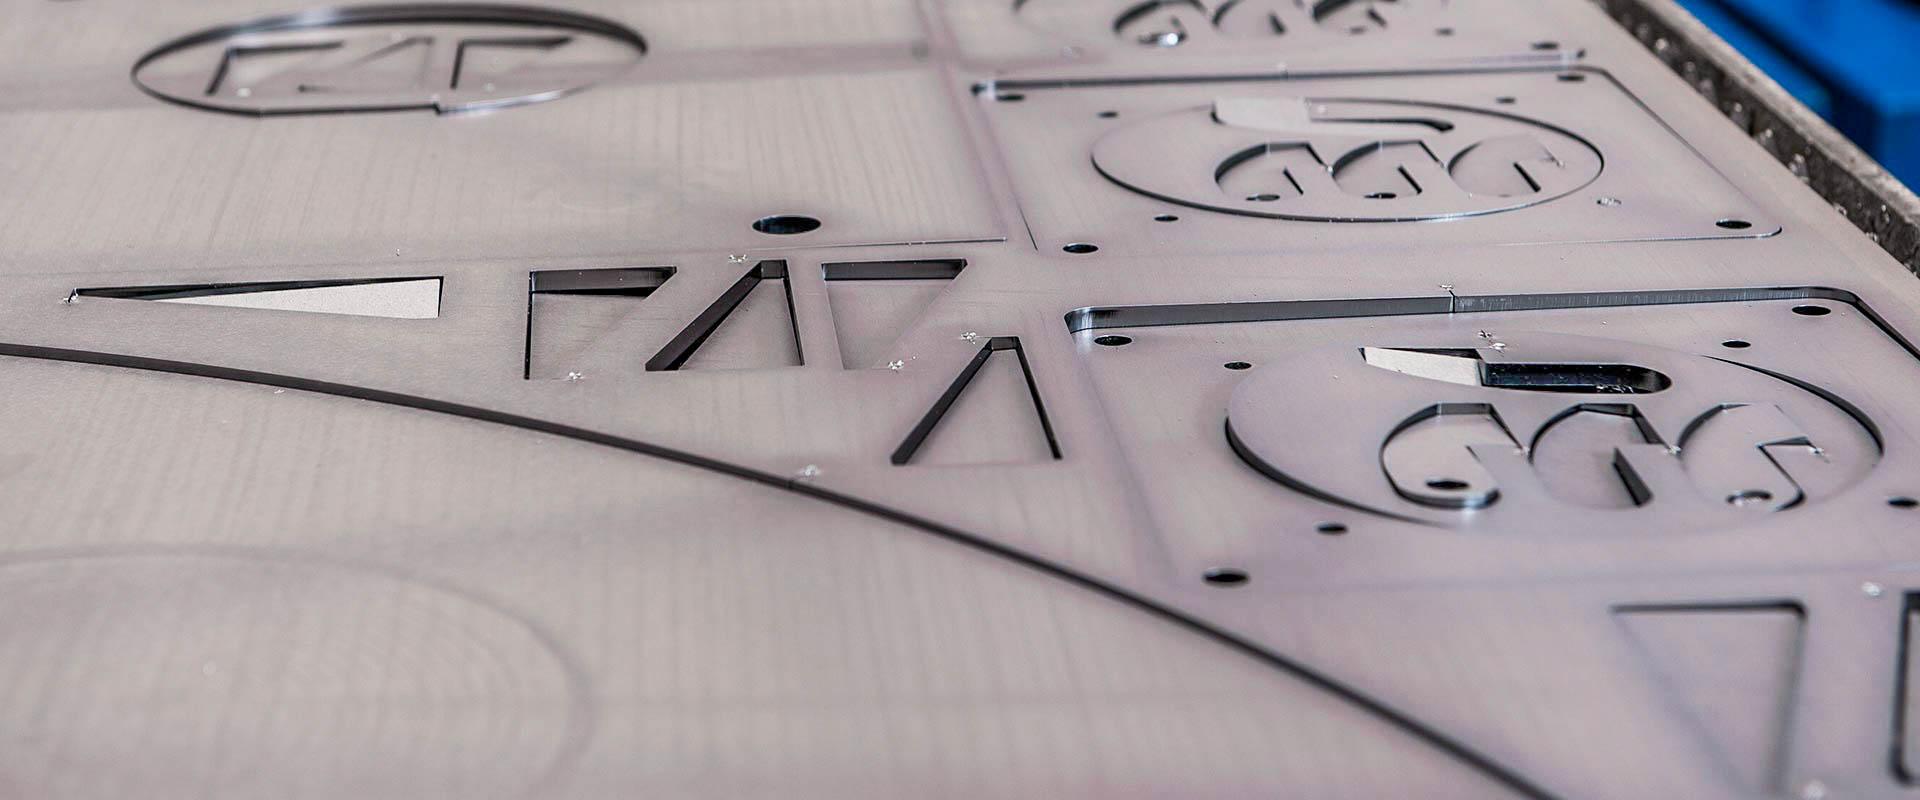 AMM-GmbH-Laserschneiden